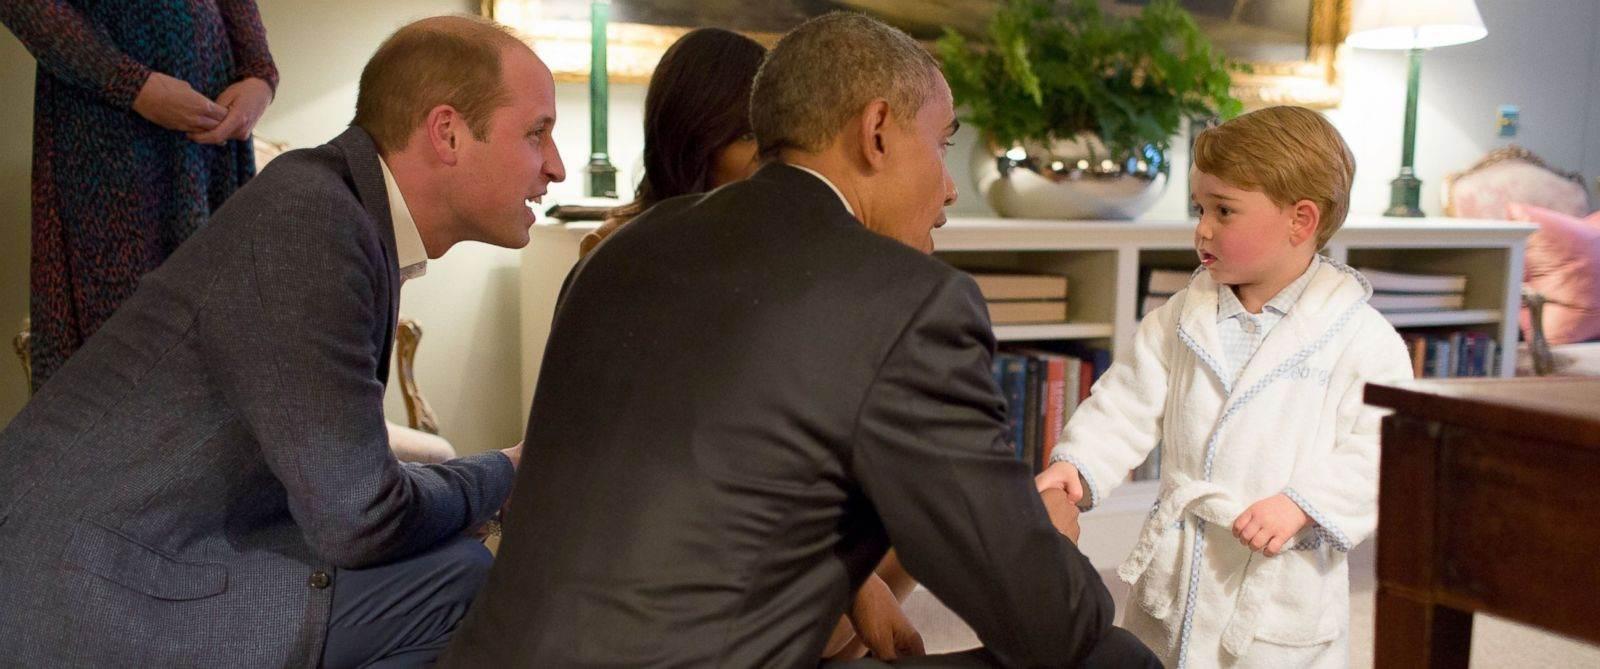 HT_obamas_royals_02_jef_160422_12x5_1600